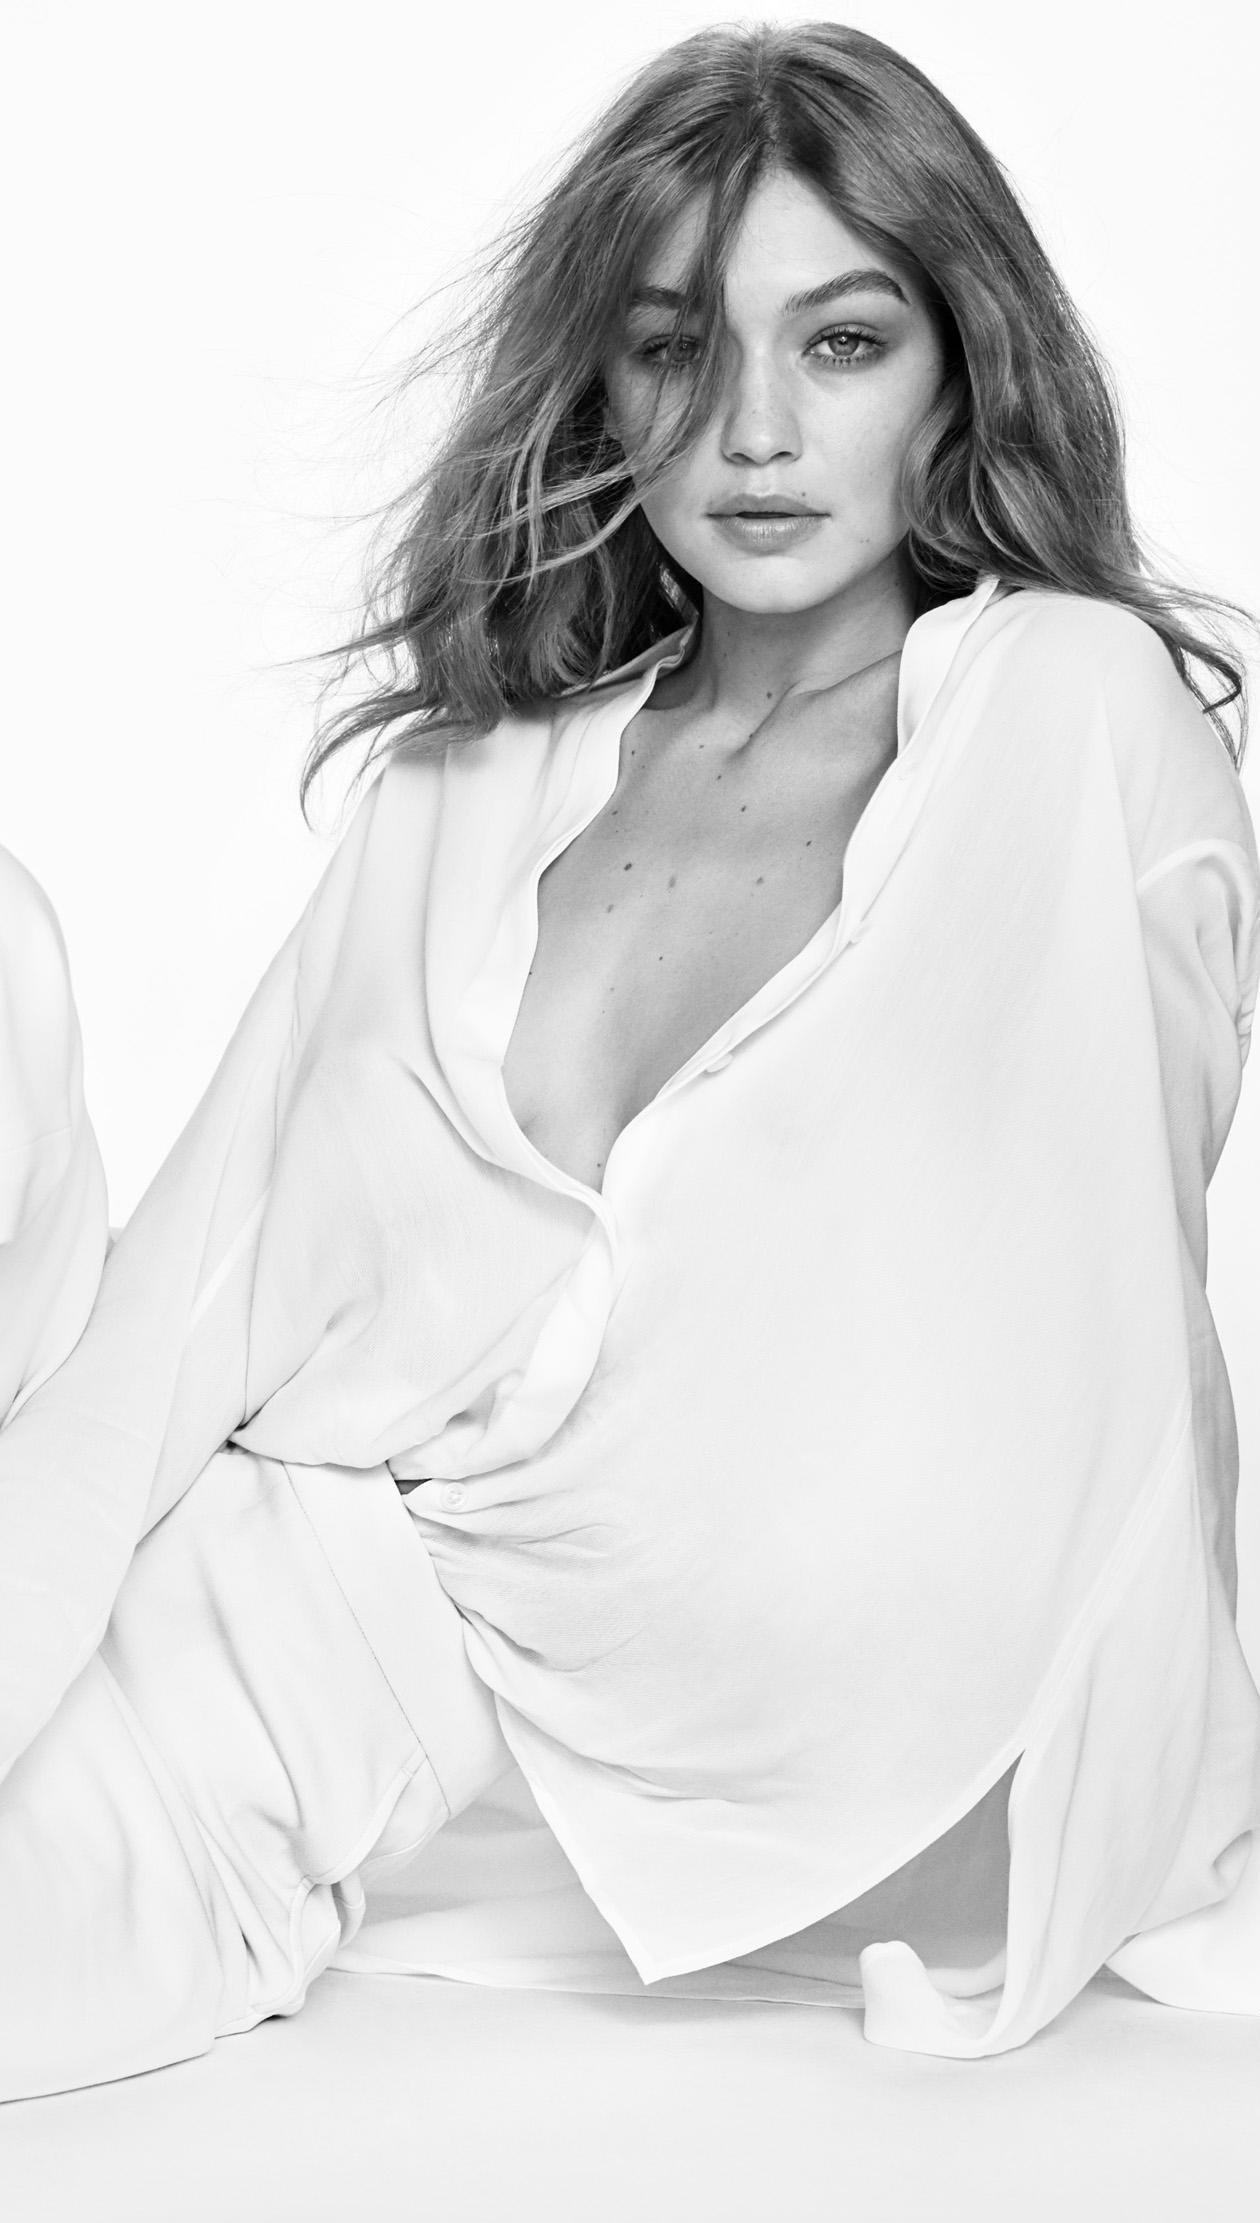 Fondos de pantalla Gigi Hadid blanco y negro Vertical